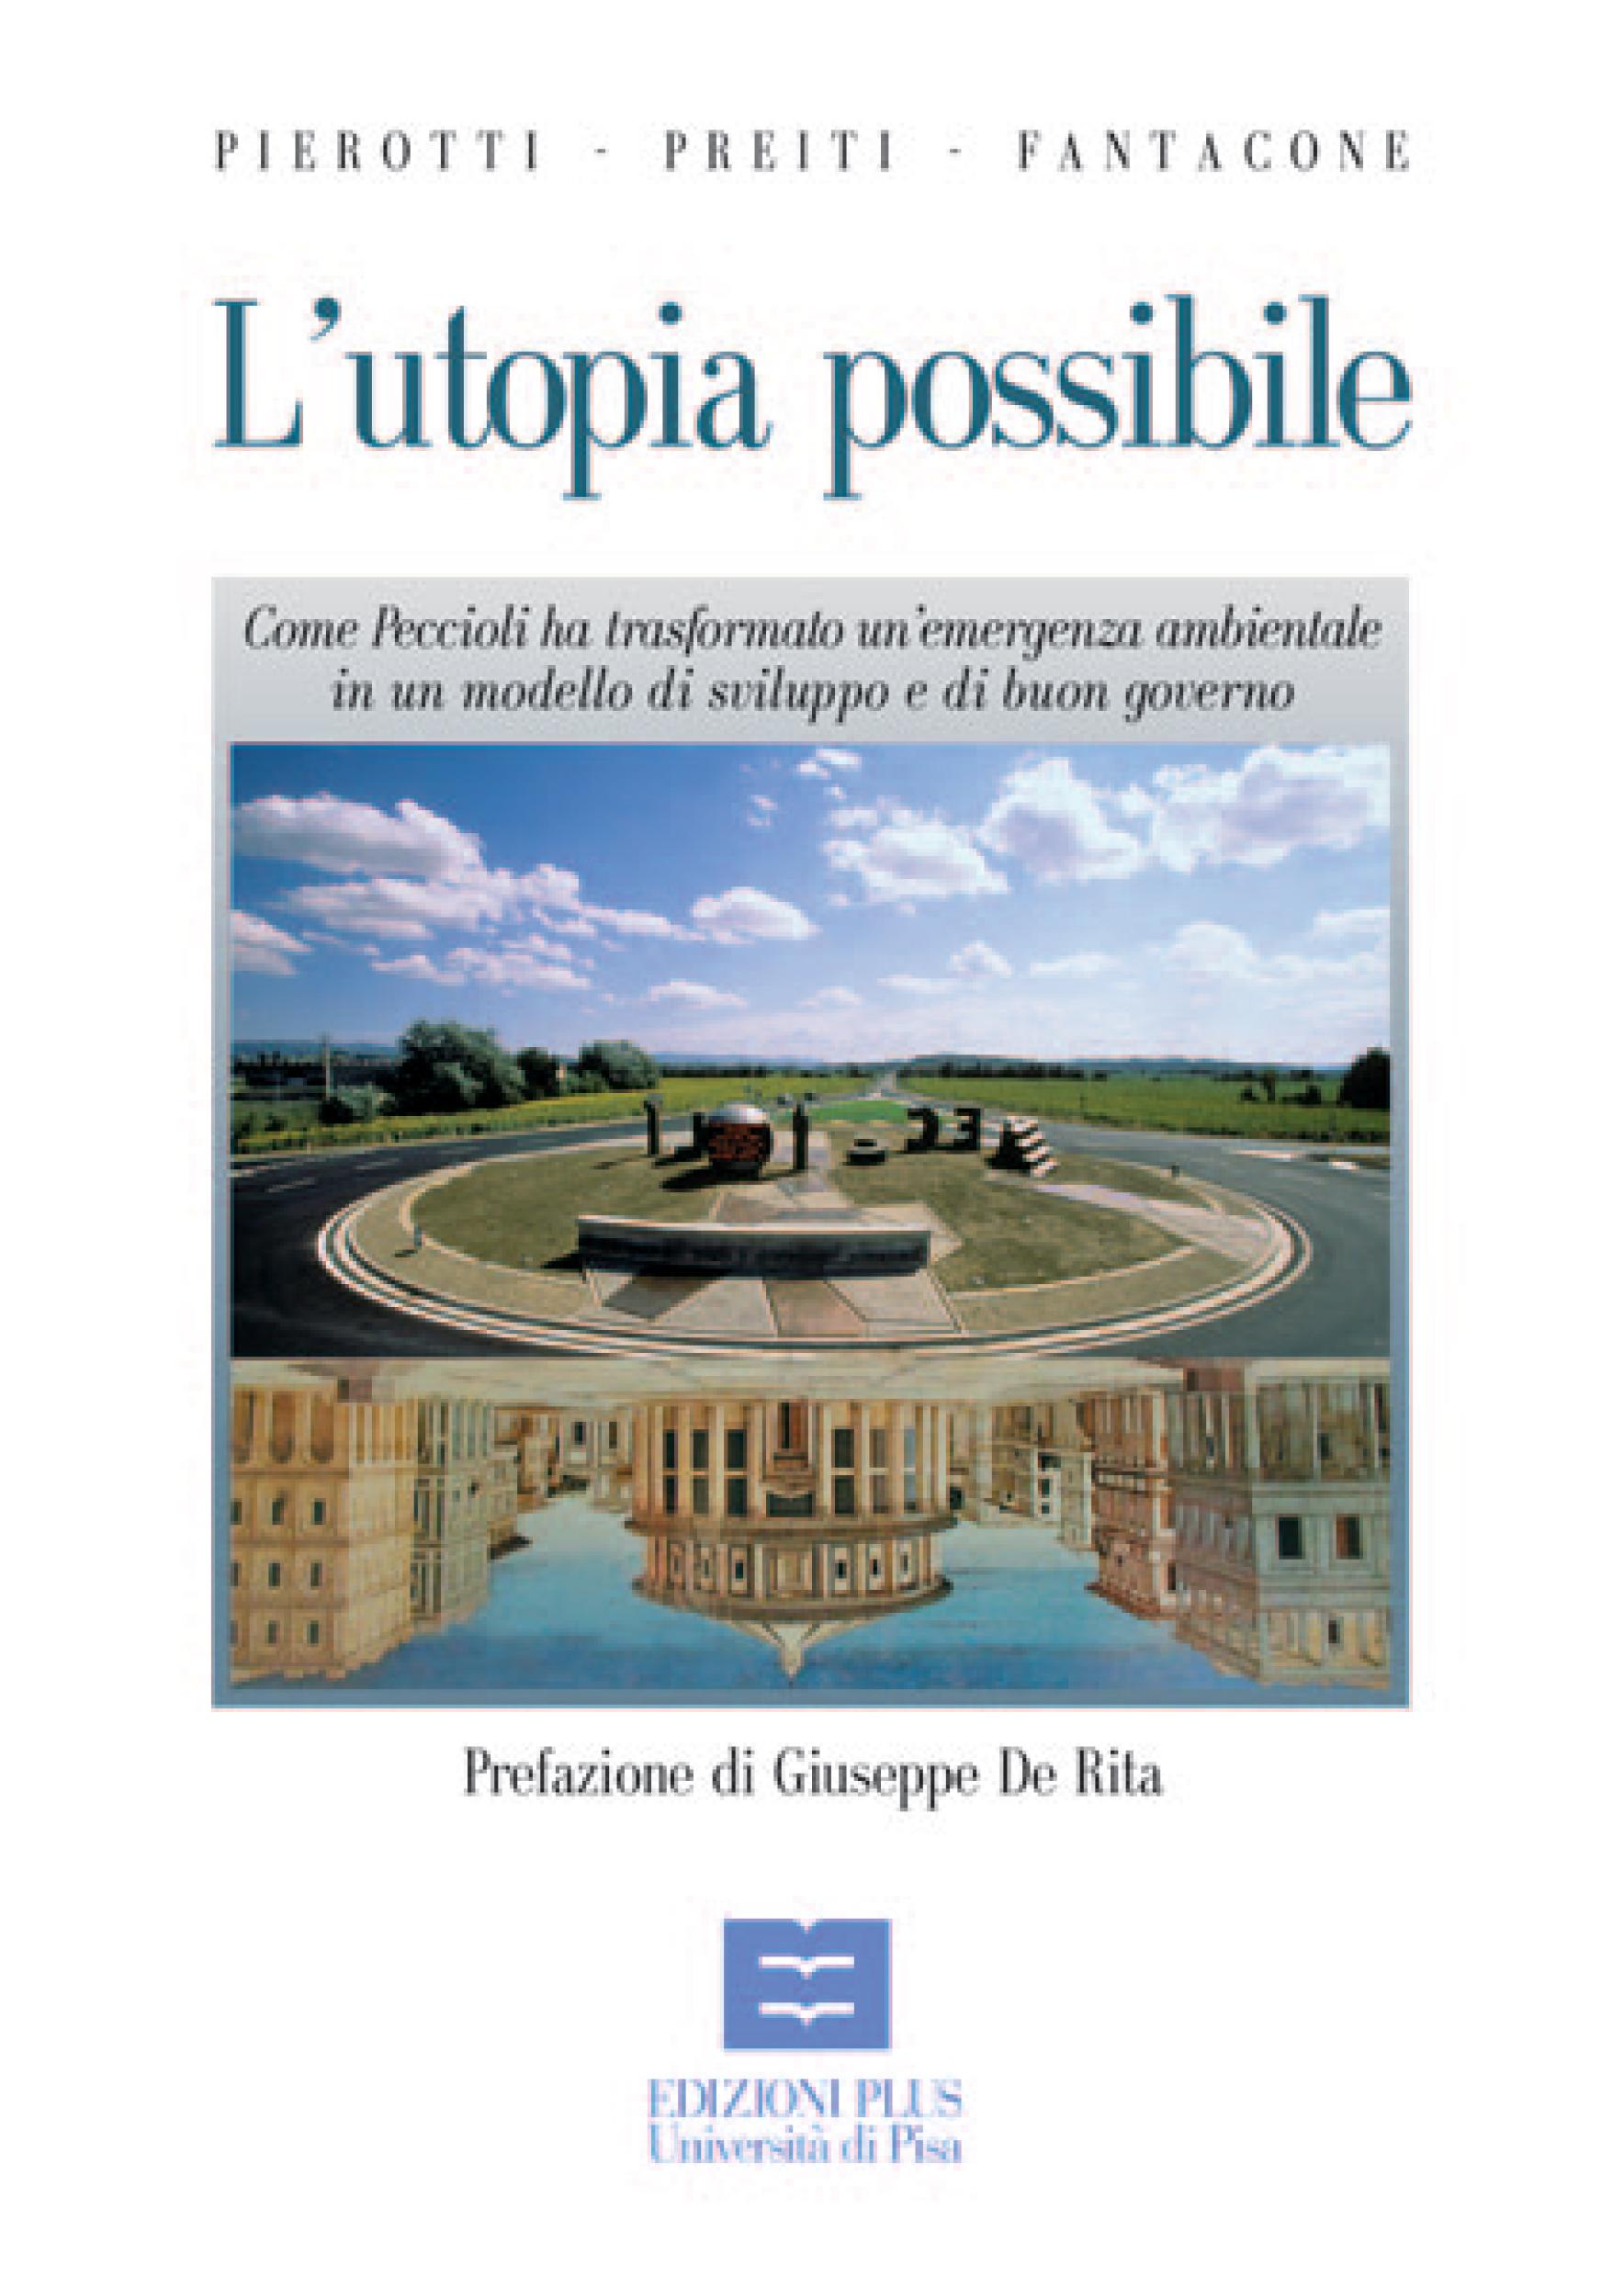 L'utopia_possibile